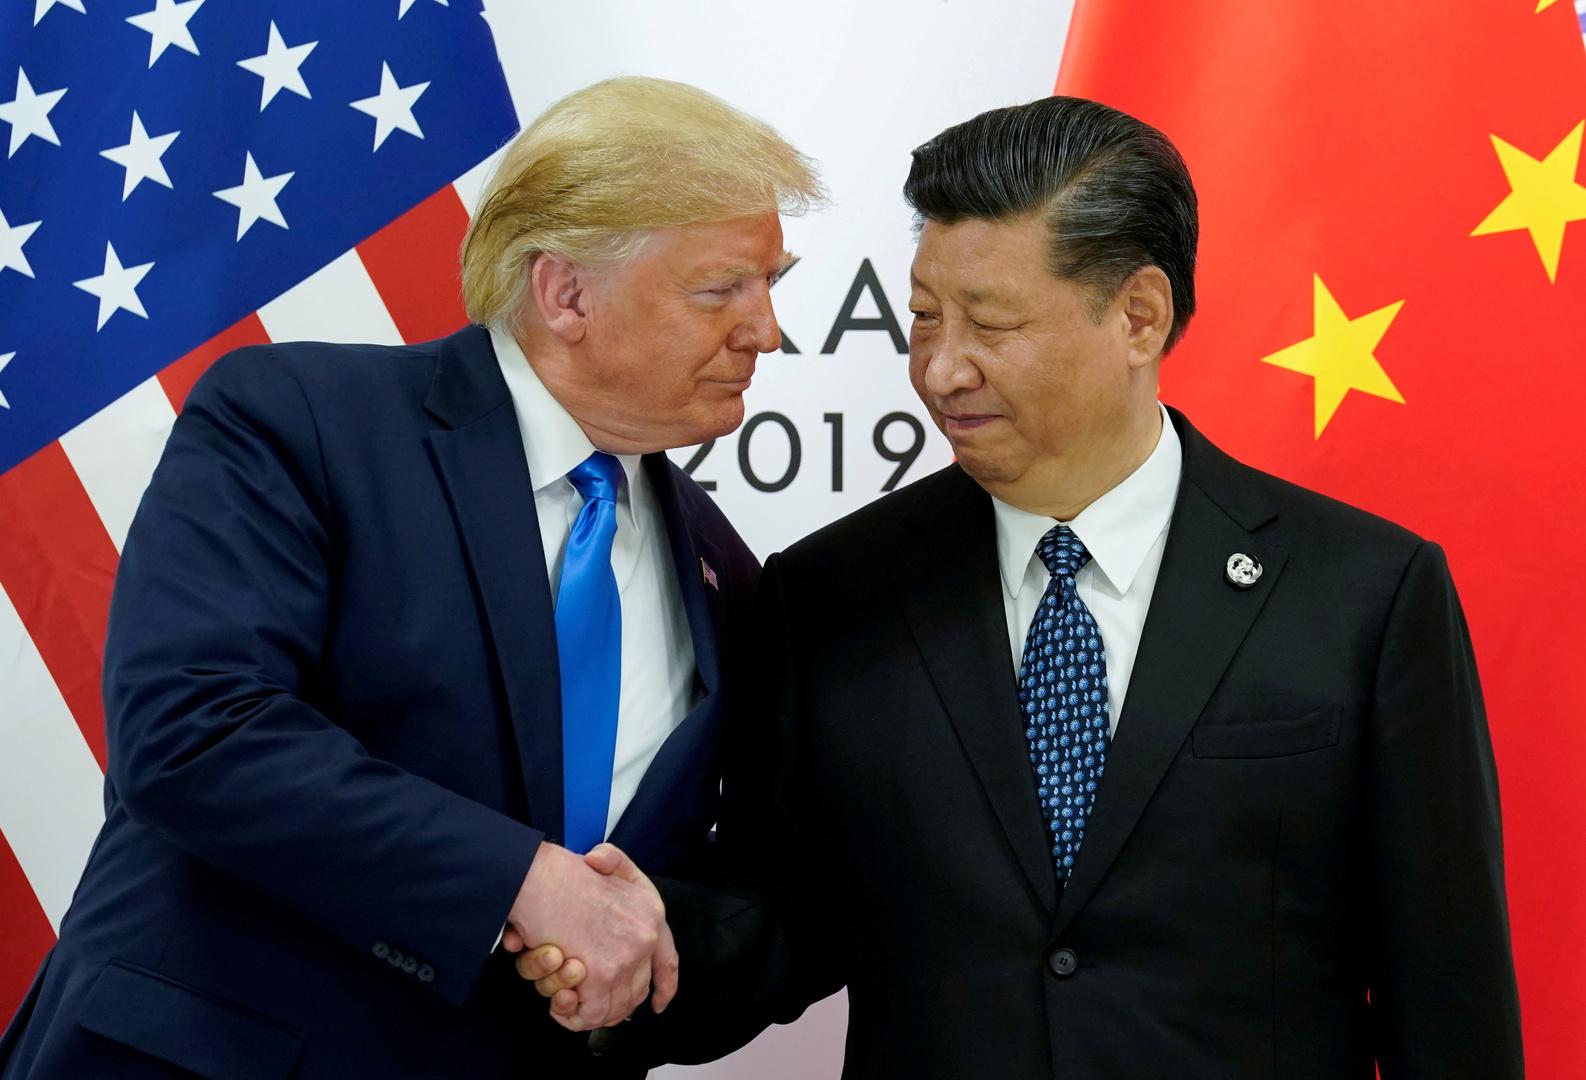 الرئيس الصيني، شي جينبينغ، ونظيره الأمريكي، دونالد ترامب، خلال لقائهما في أوساكا اليابانية يوم 20 نوفمبر 2019.